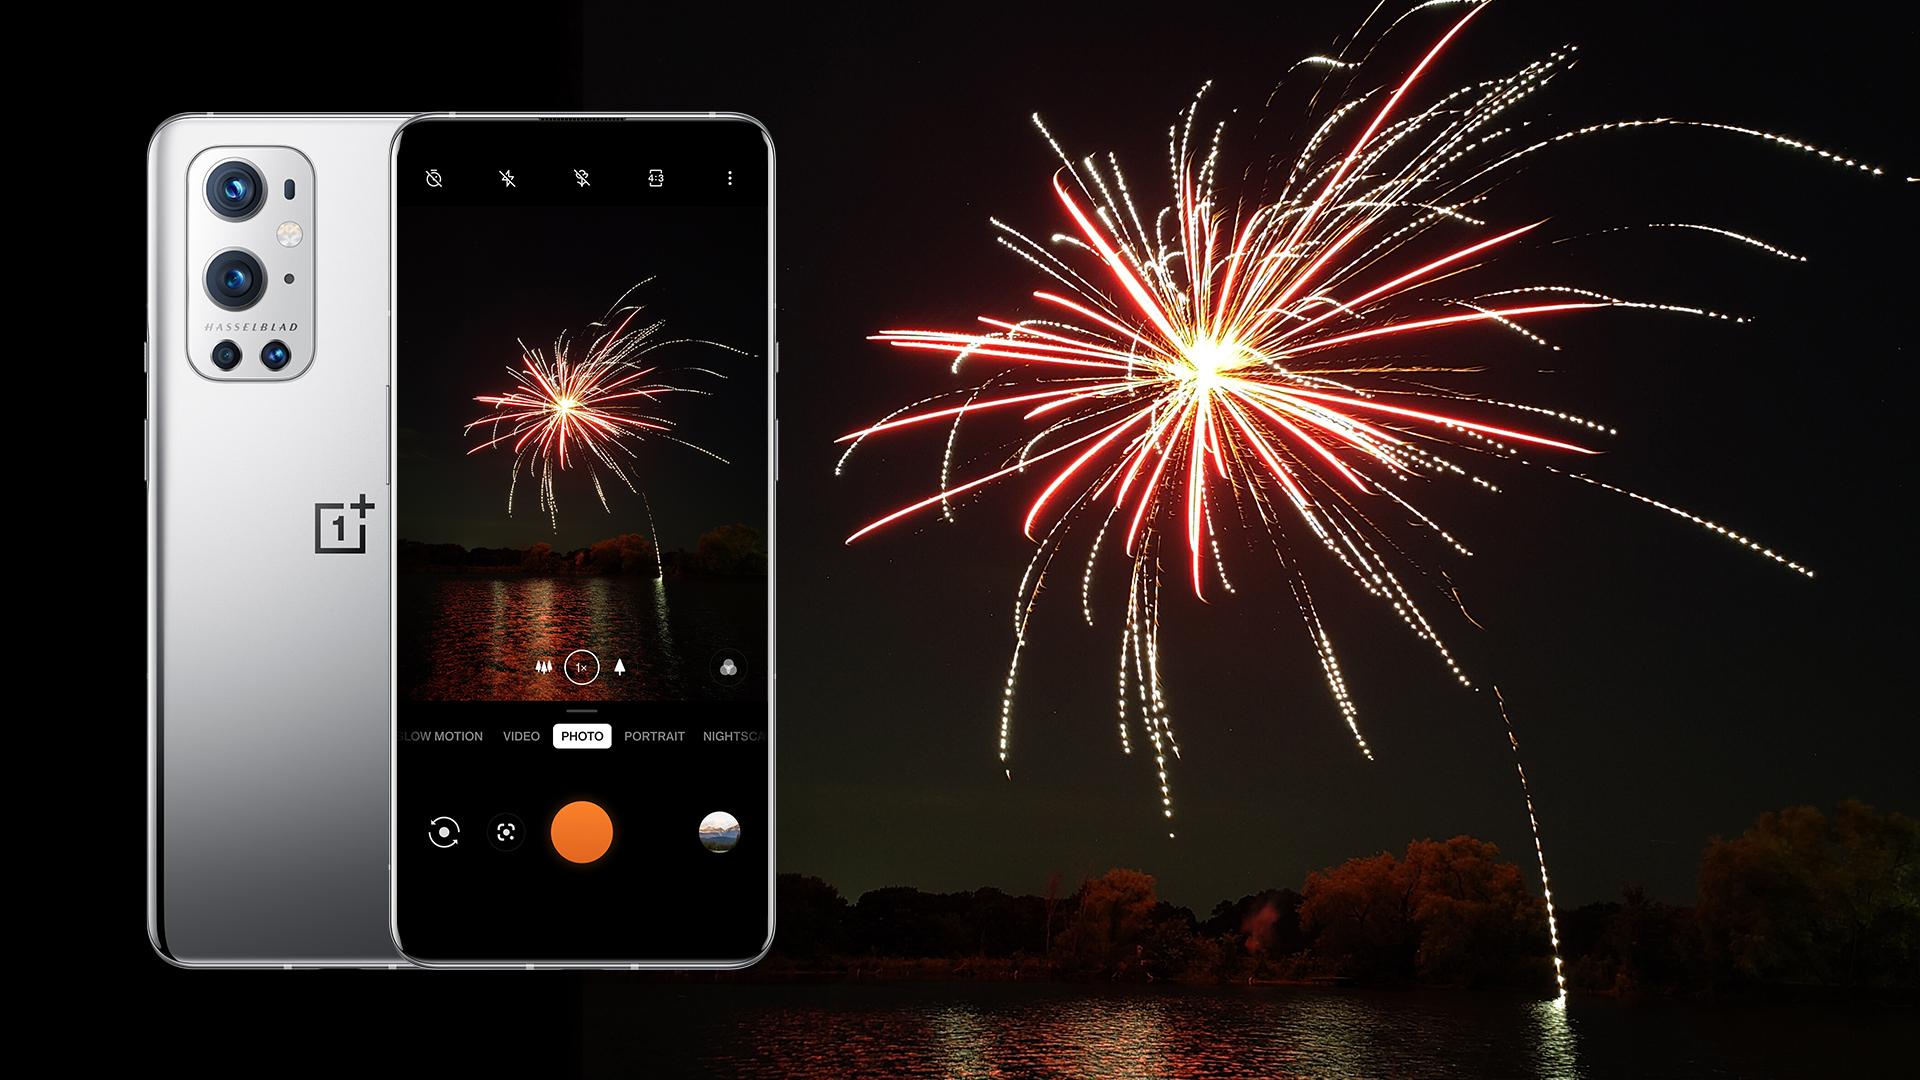 OnePlus Fireworks